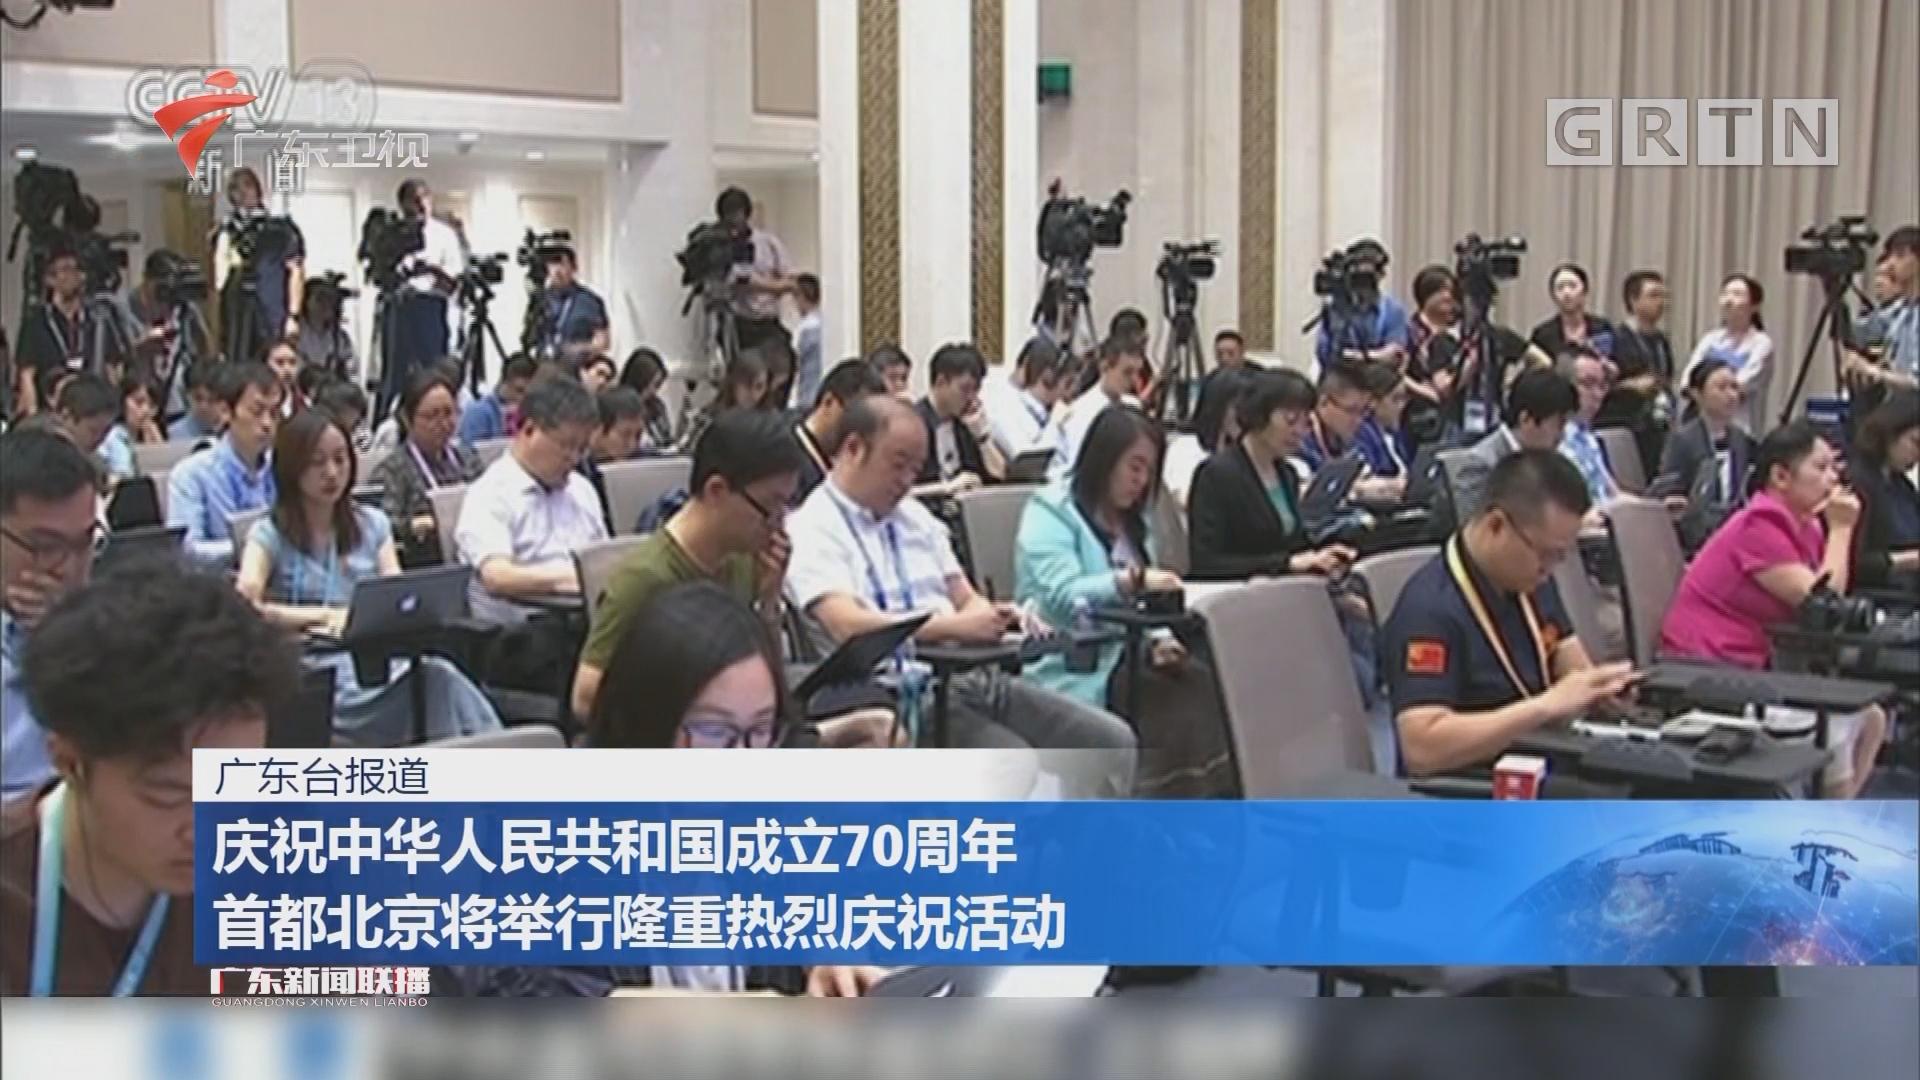 庆祝中华人民共和国成立70周年 首都北京将举行隆重热烈庆祝活动